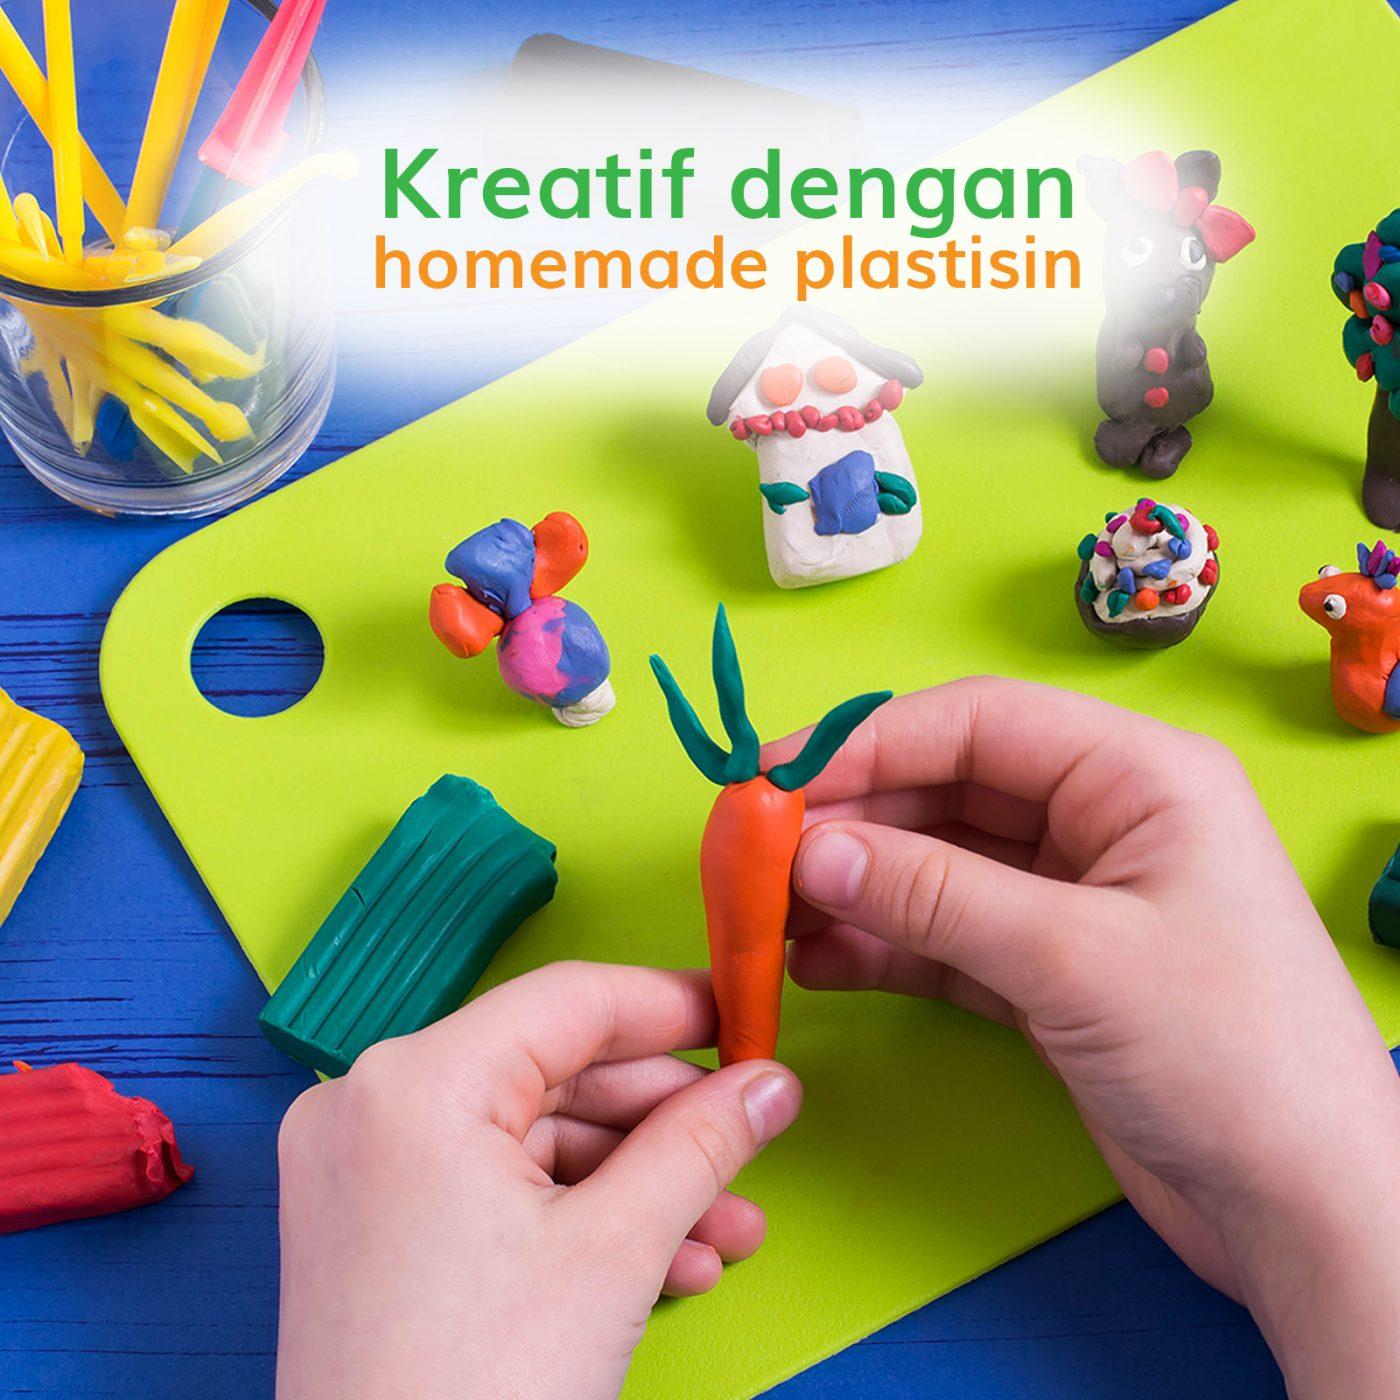 Image KREATIF DENGAN HOME MADE PLASTISIN